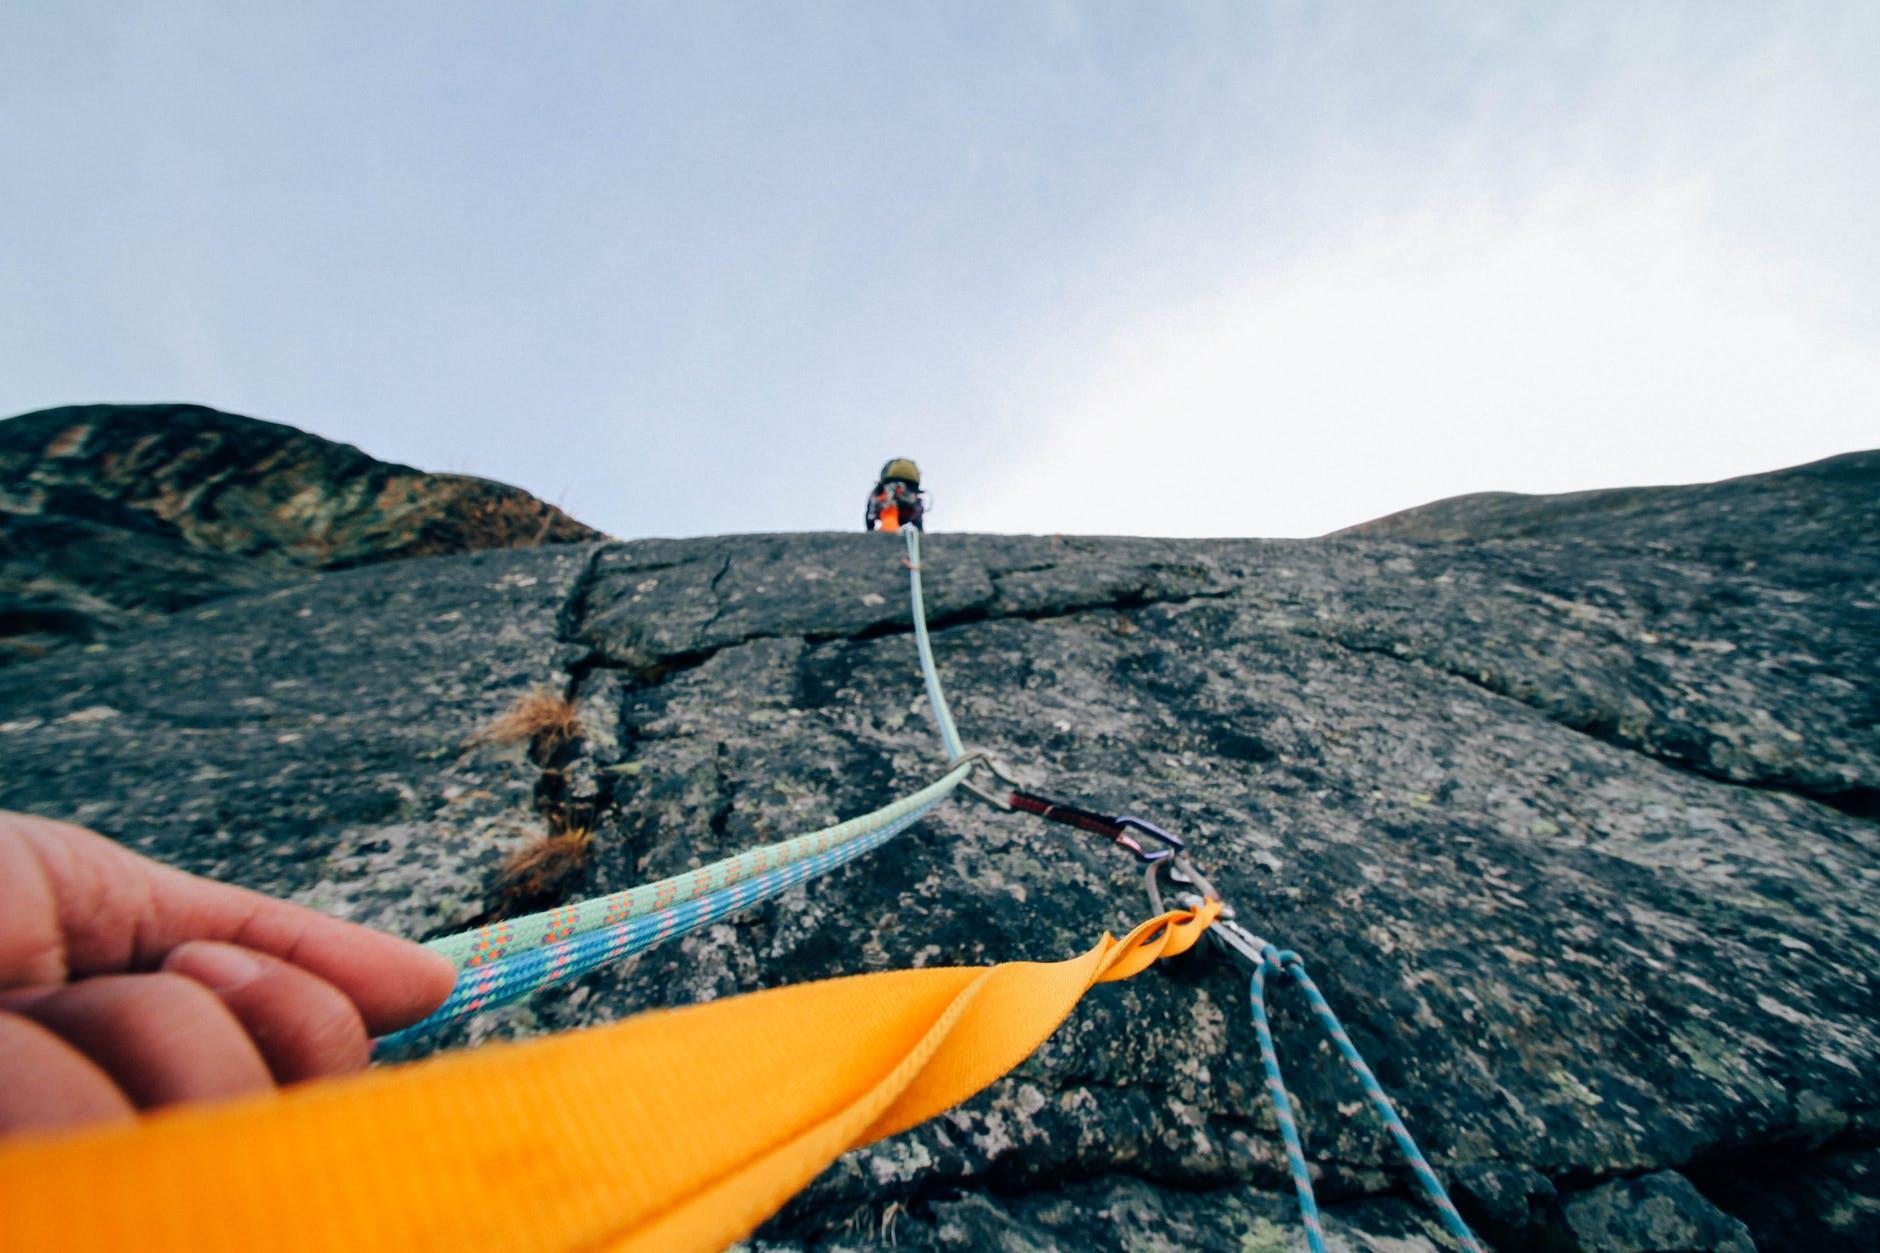 person mountain climbing